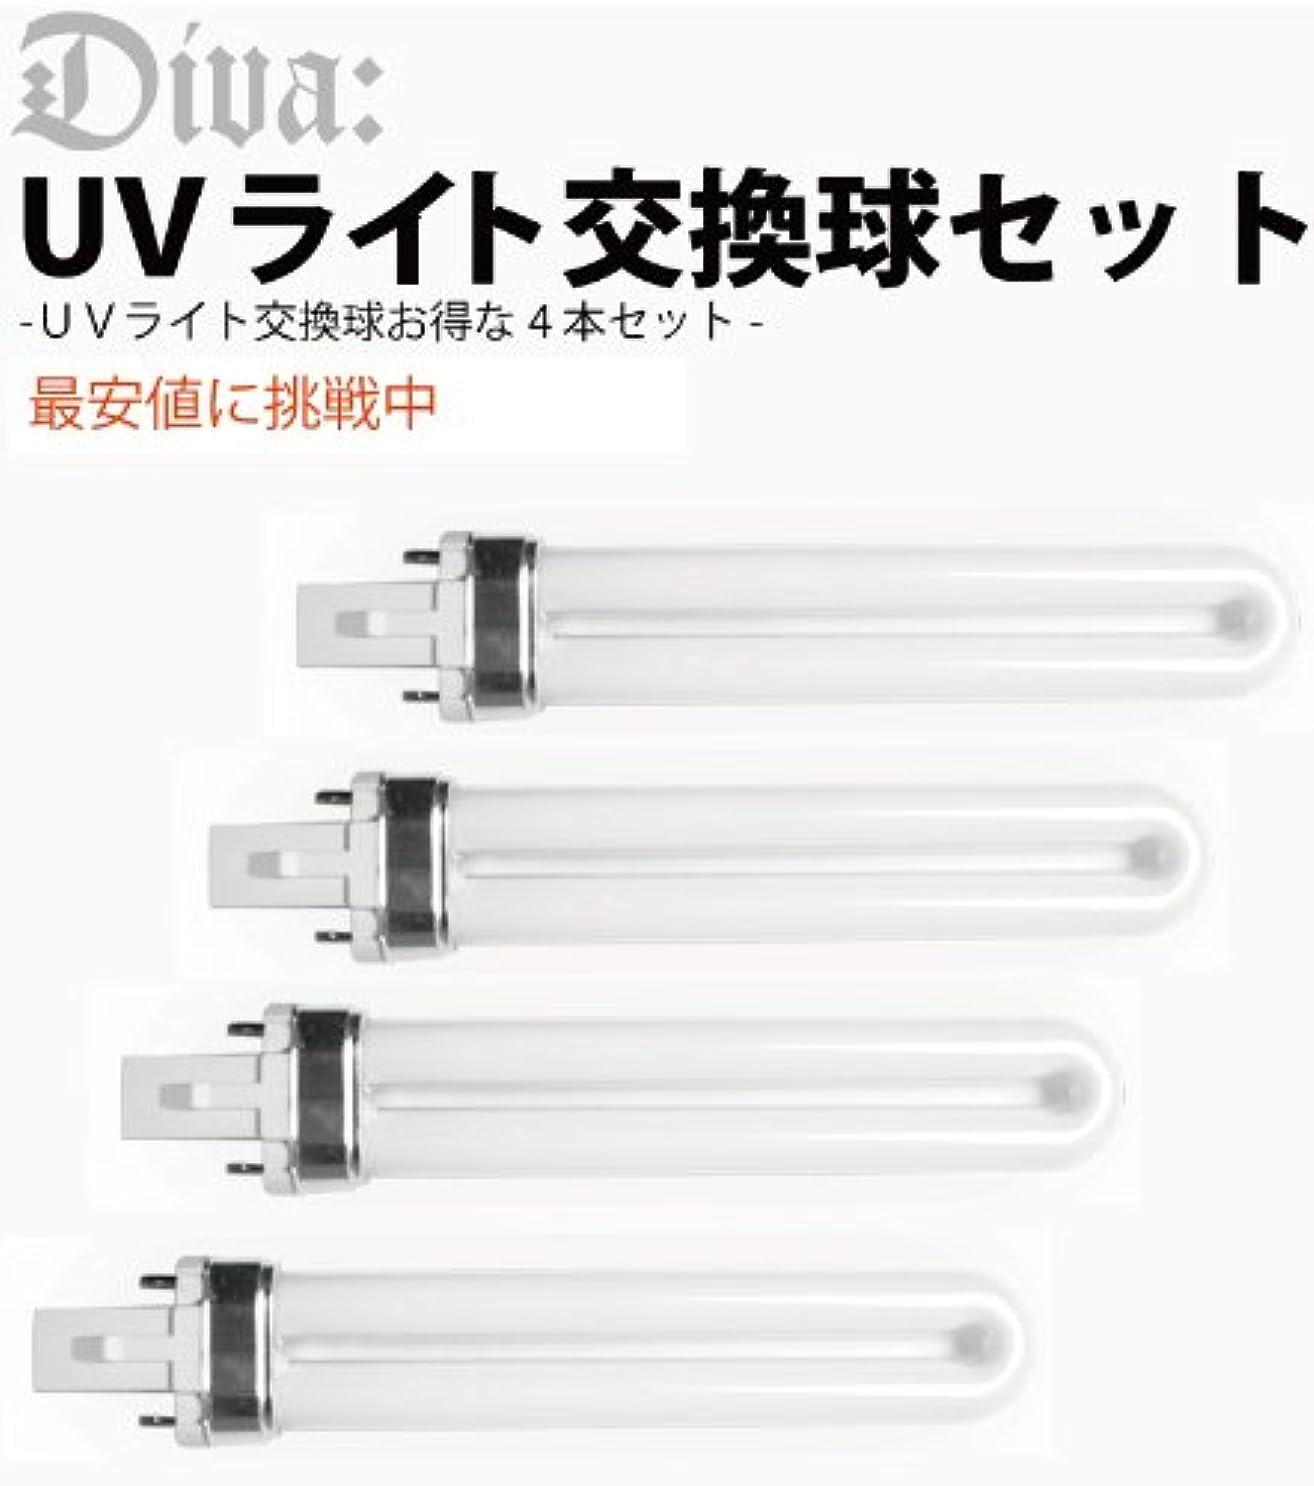 雹過ち注文UVライト36W 交換ライト ランプ 4本セット